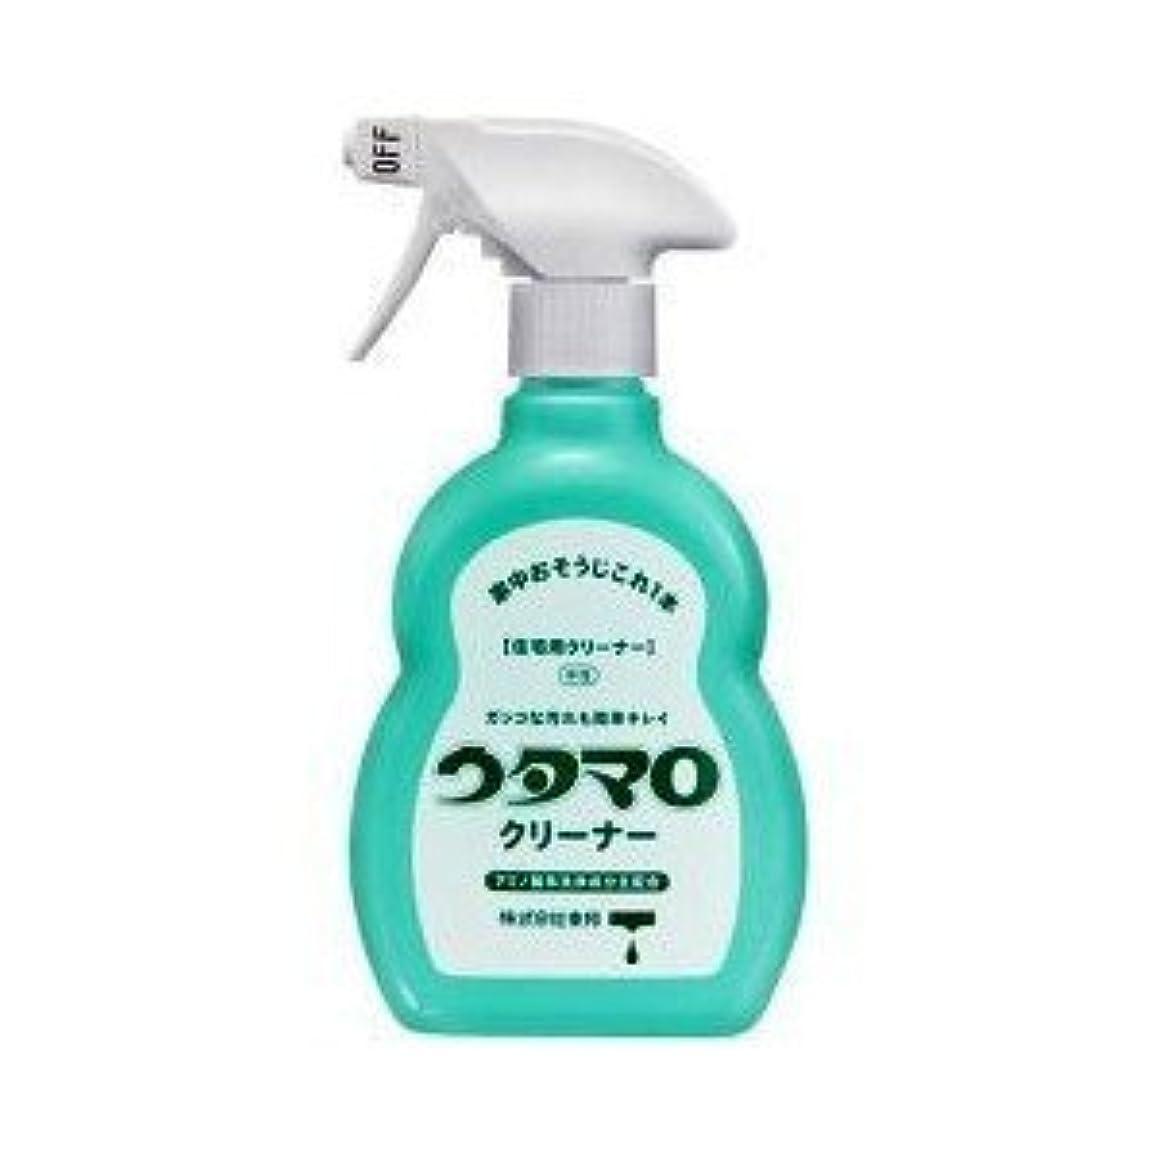 中級十分な現実にはウタマロ クリーナー 400ml 洗剤 住居用 アミノ酸系洗浄成分主配合 さわやかなグリーンハーブの香り